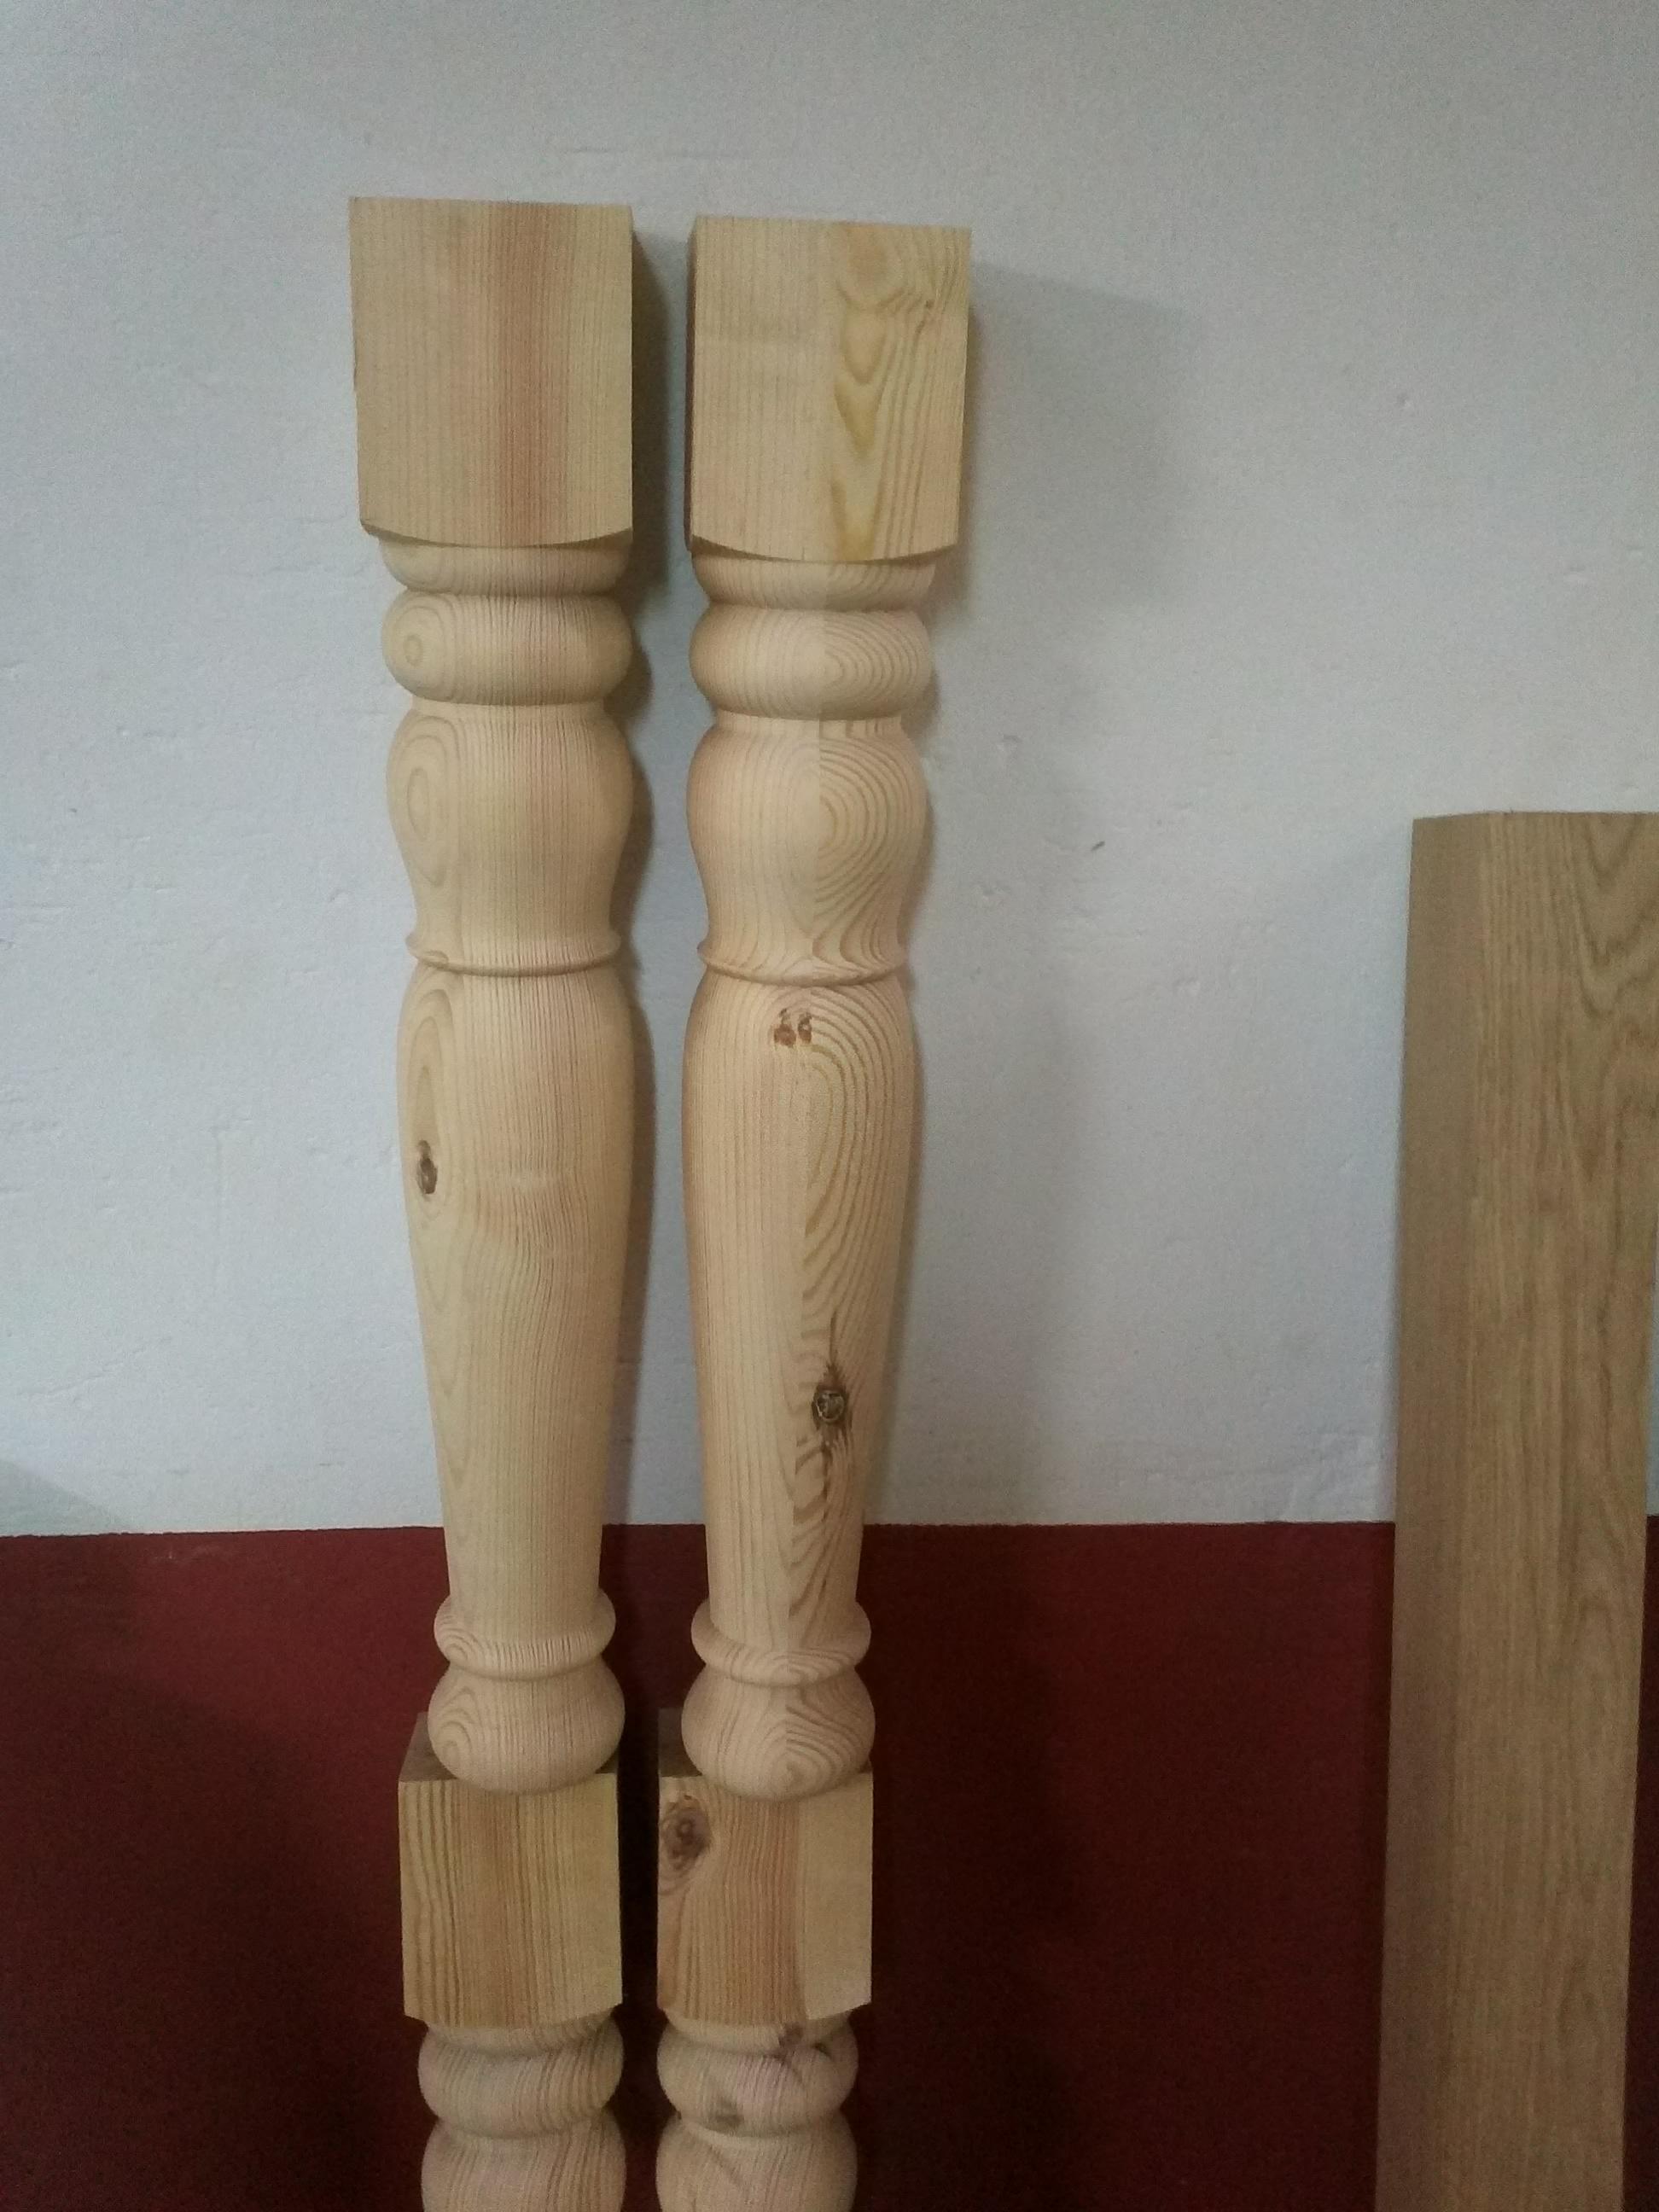 Patas de mesa madera de pino 14x14 tornero artesano de for Patas mesa leroy merlin